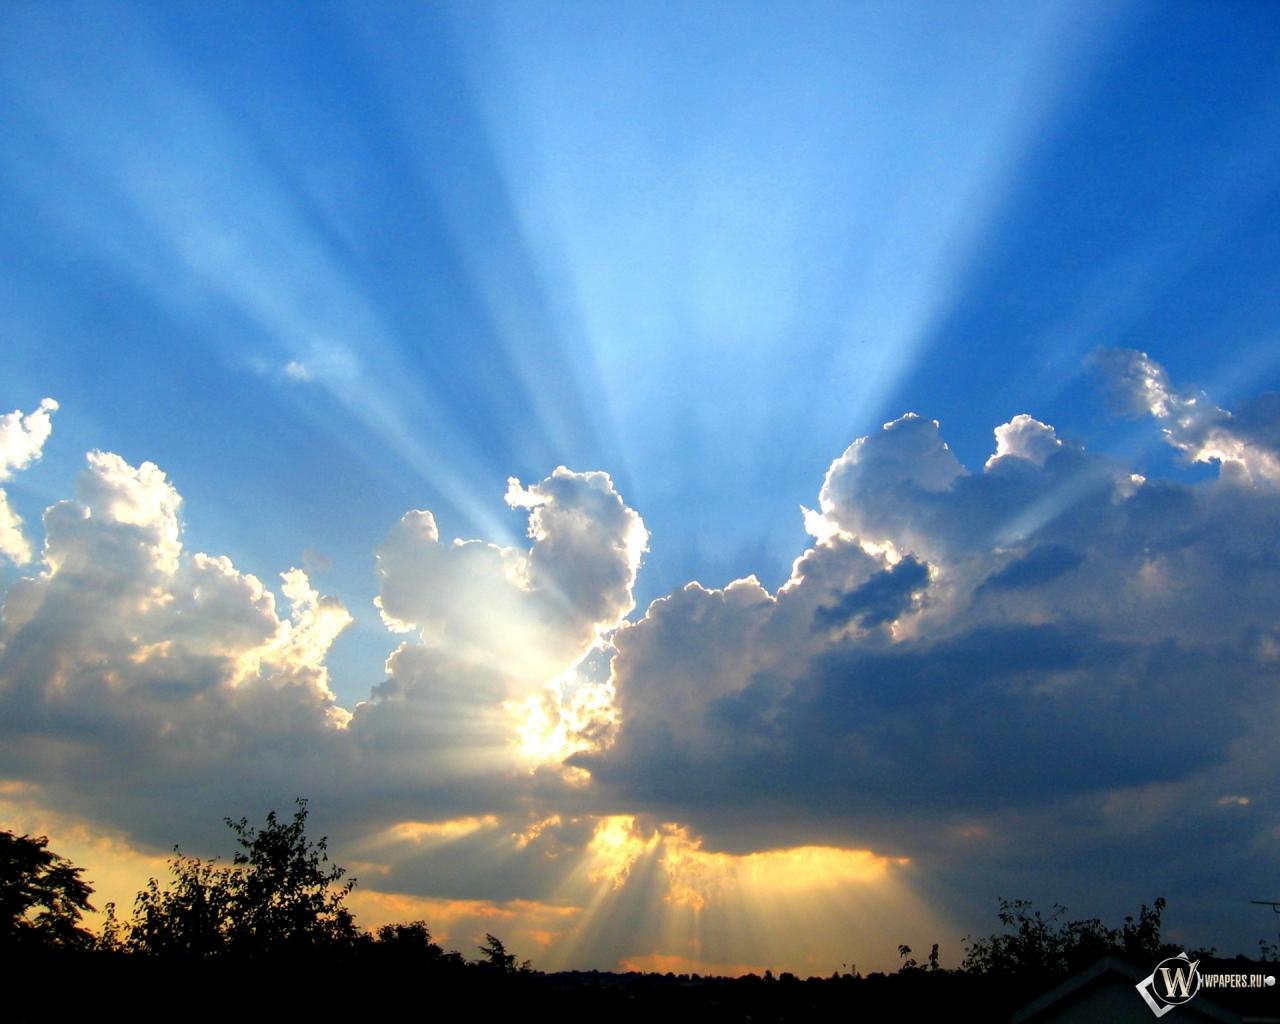 Чистое небо 1280x1024